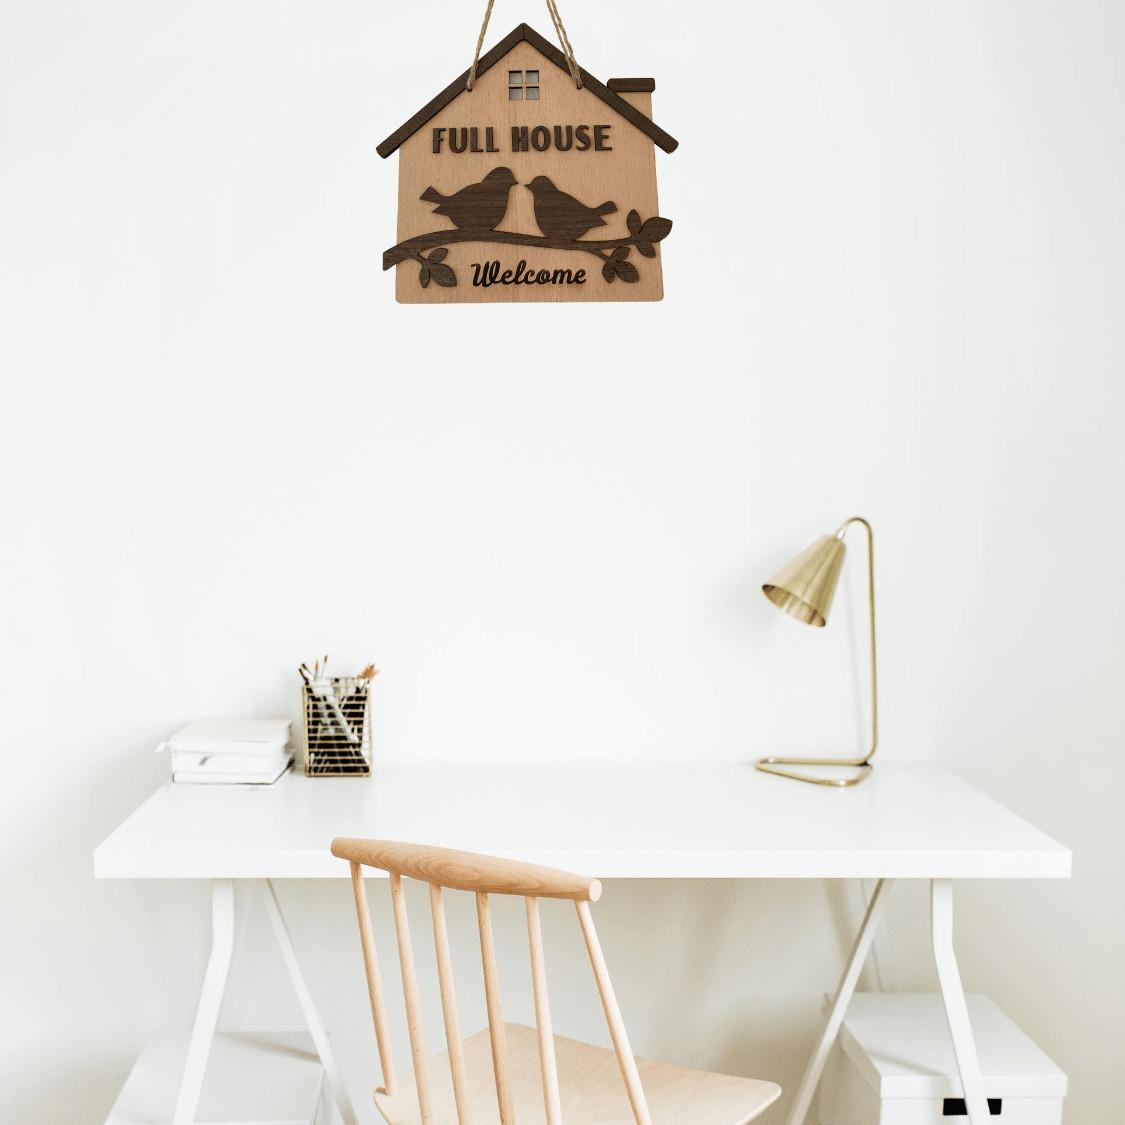 Bảng gỗ treo tường Full house